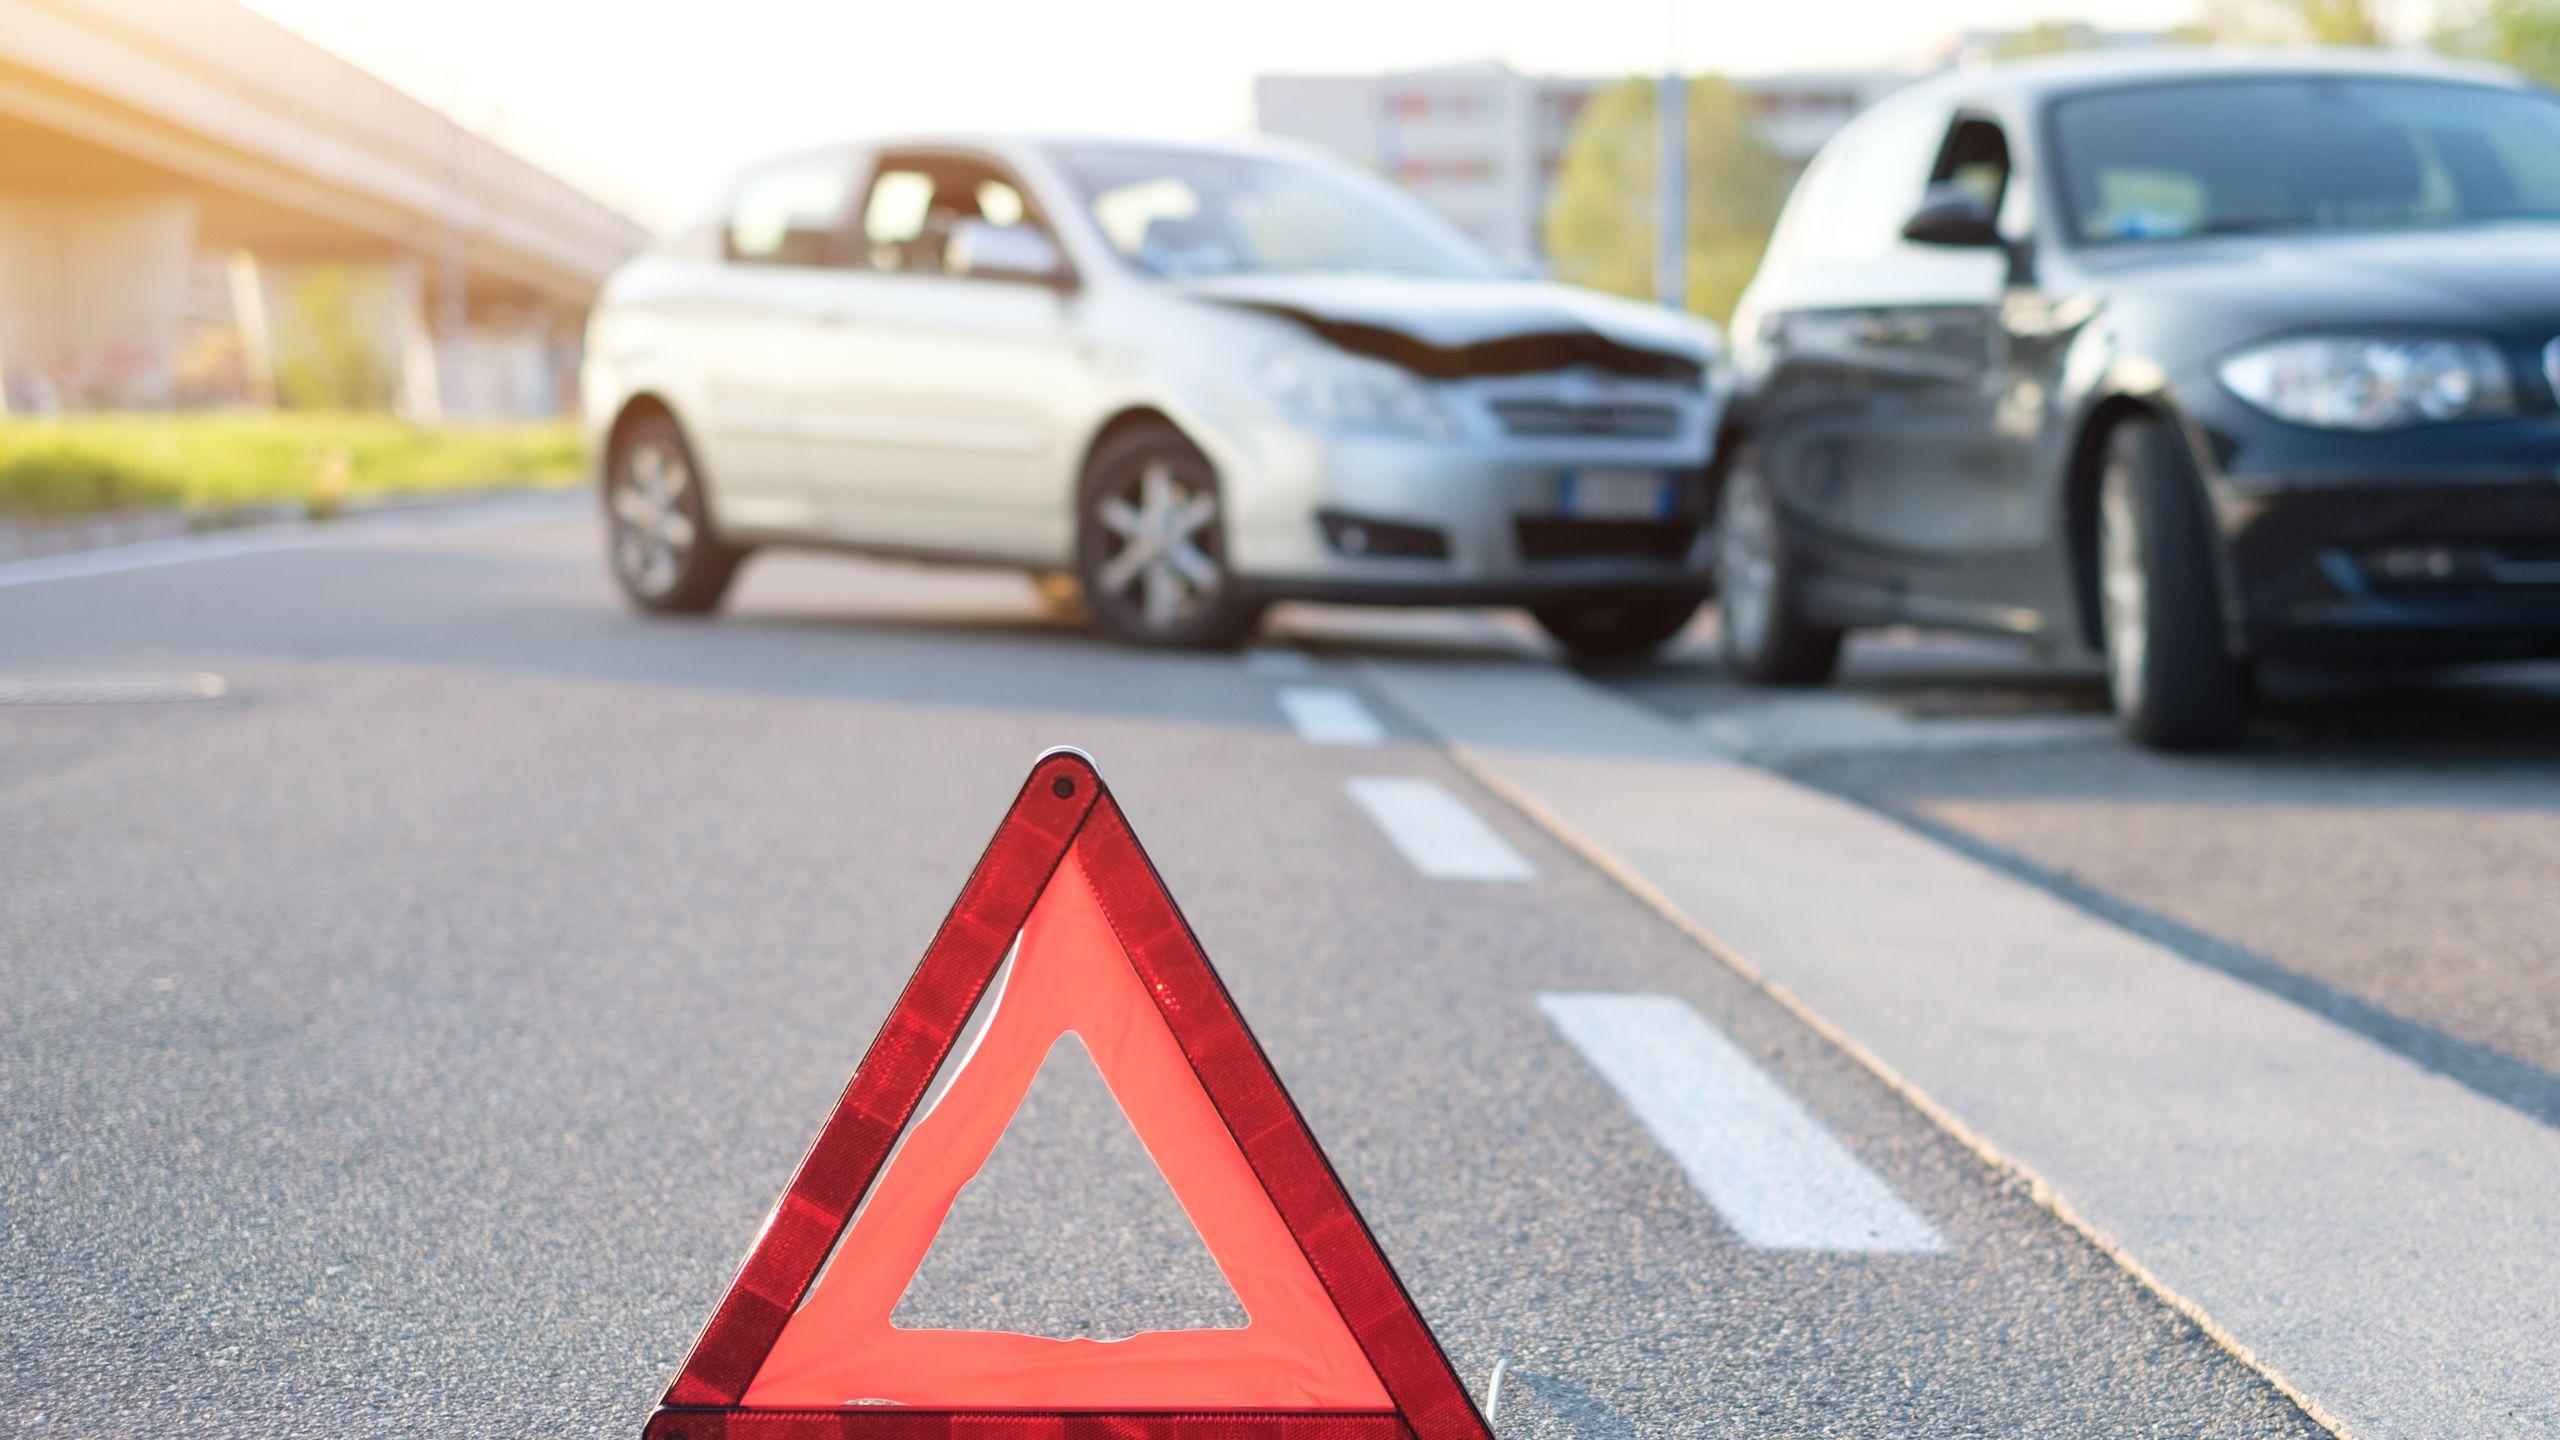 Indemnisation accident de voiture Luxembourg : comment ça marche ?